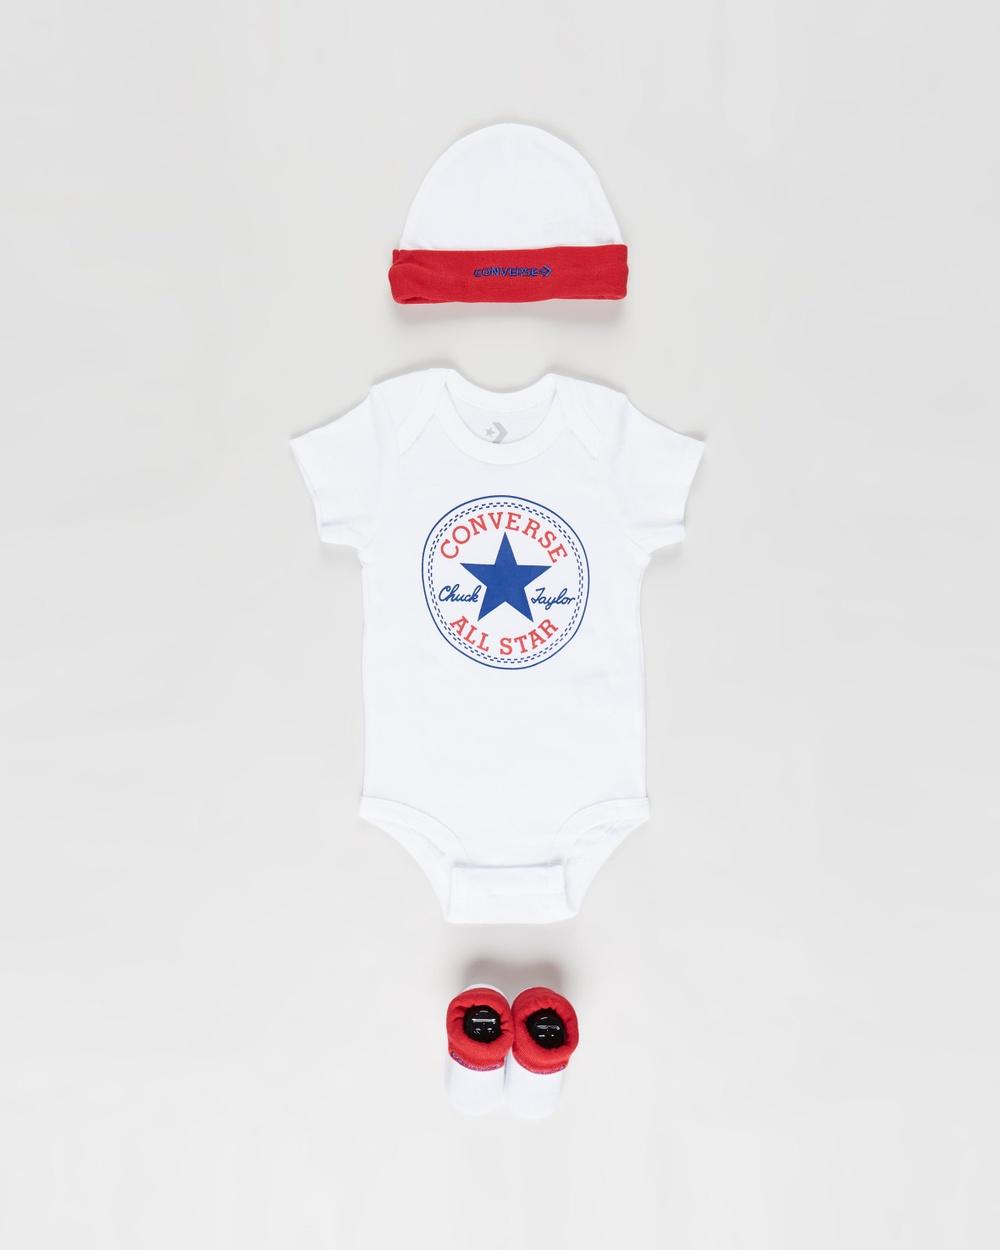 Converse Classic 3 Piece Infant Hat, Bodysuit & Bootie Set Babies Bodysuits Converse Red White 3-Piece